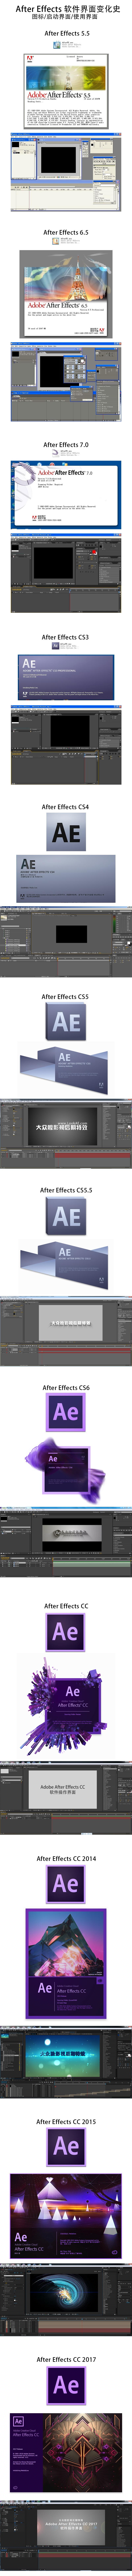 AE发展d.jpg